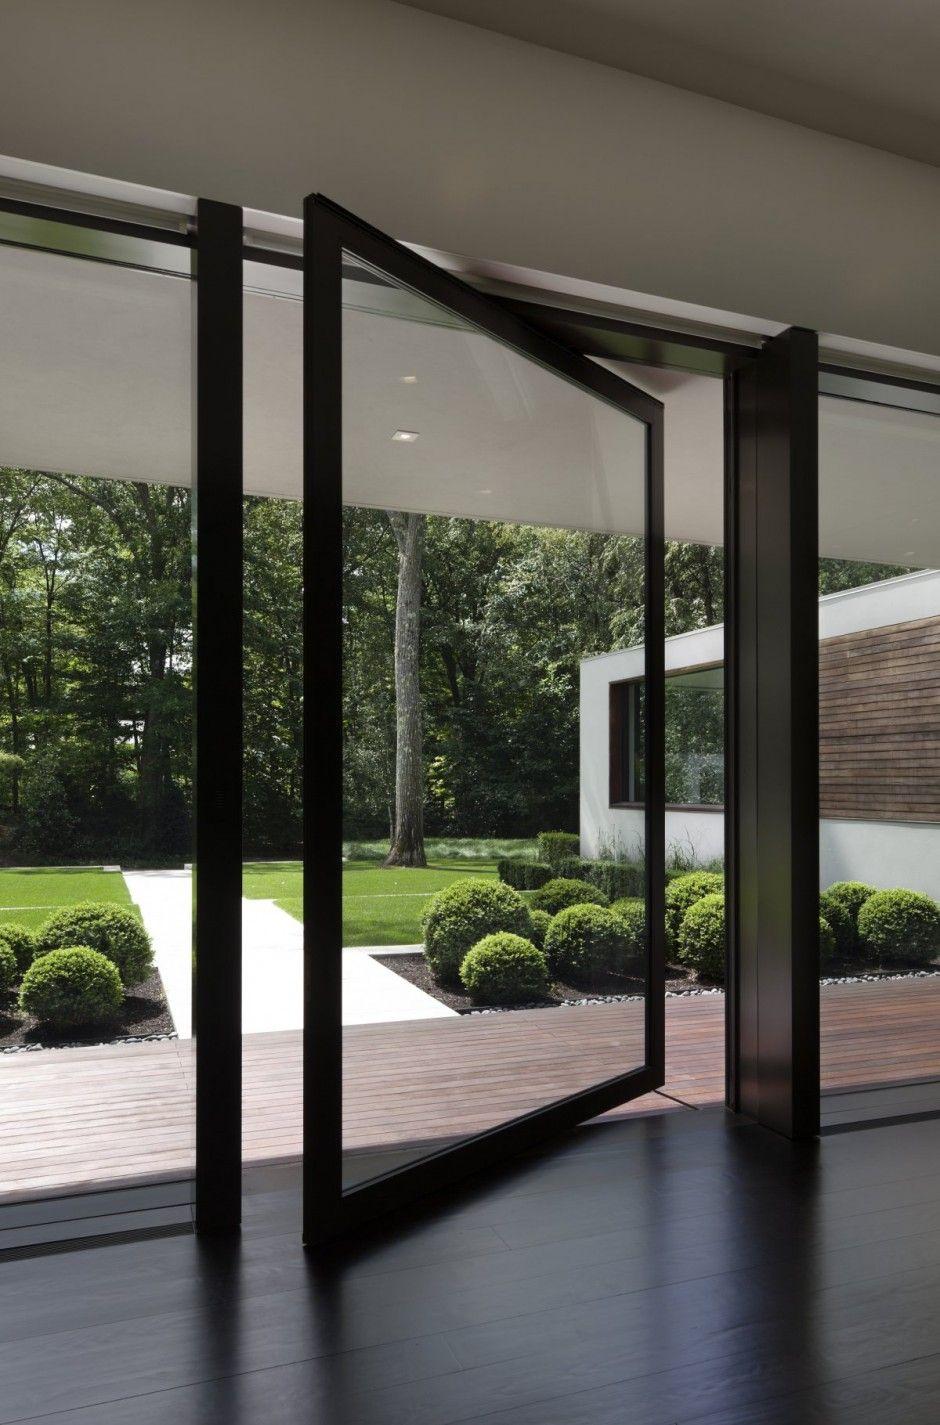 Modern window house design  pivot windows  a bold design statement for modern homes  doors